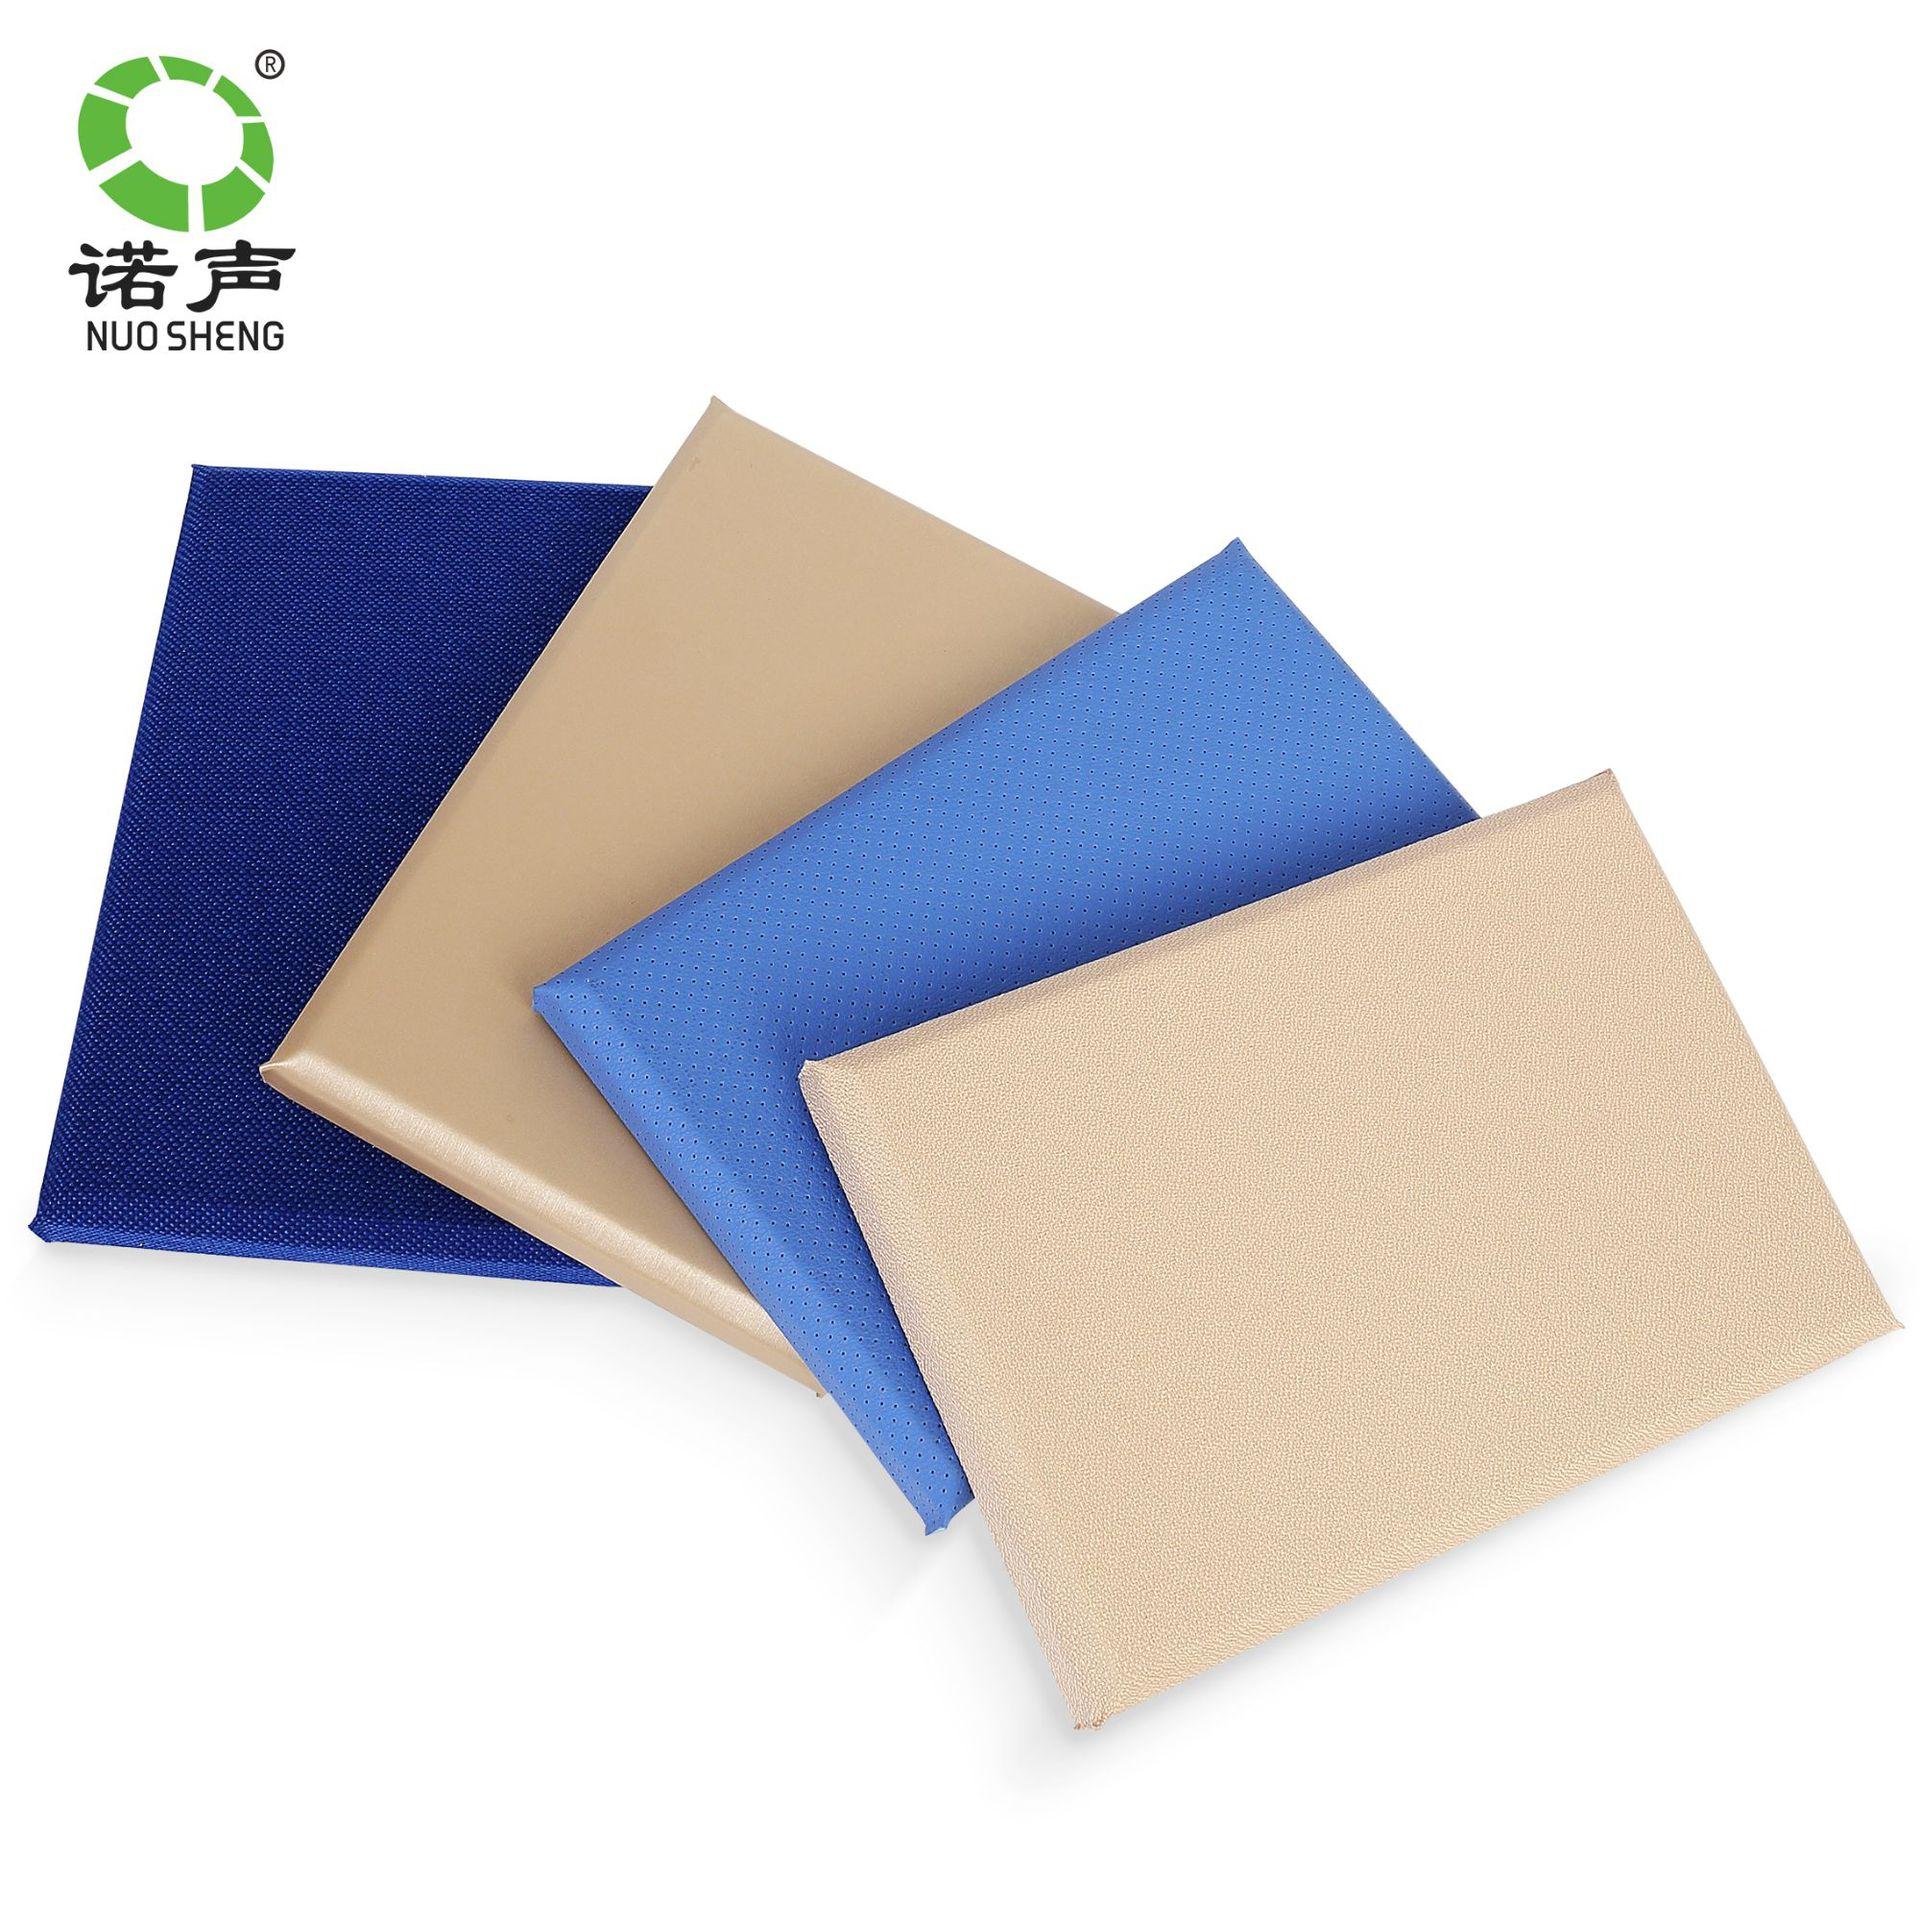 NUOHSENG Vải ốp tường Vải chống ồn vải mềm túi chống cháy tường nền hấp thụ âm thanh bảo vệ môi trườ